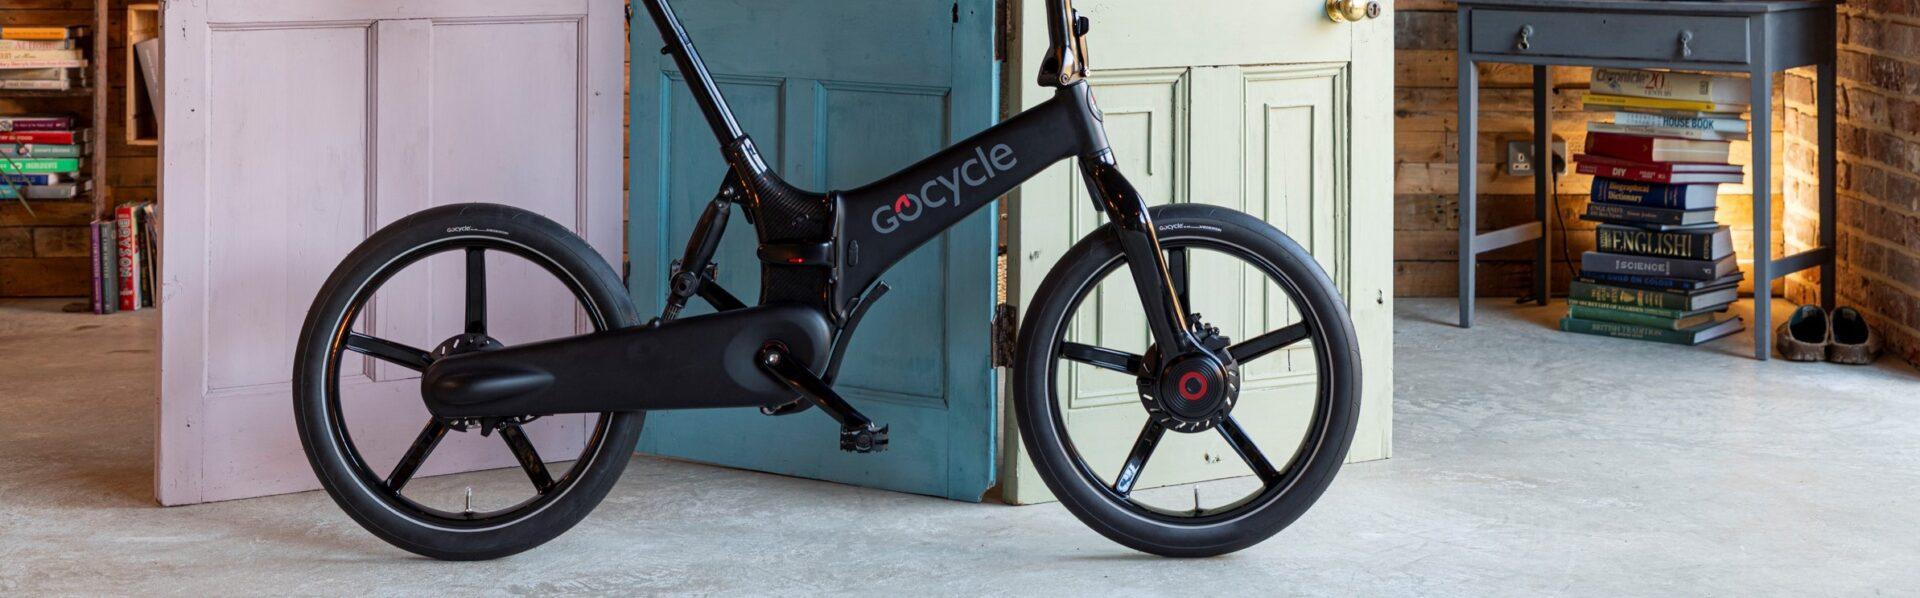 Ne odlašajte z nakupom električnega kolesa Gocycle G4i